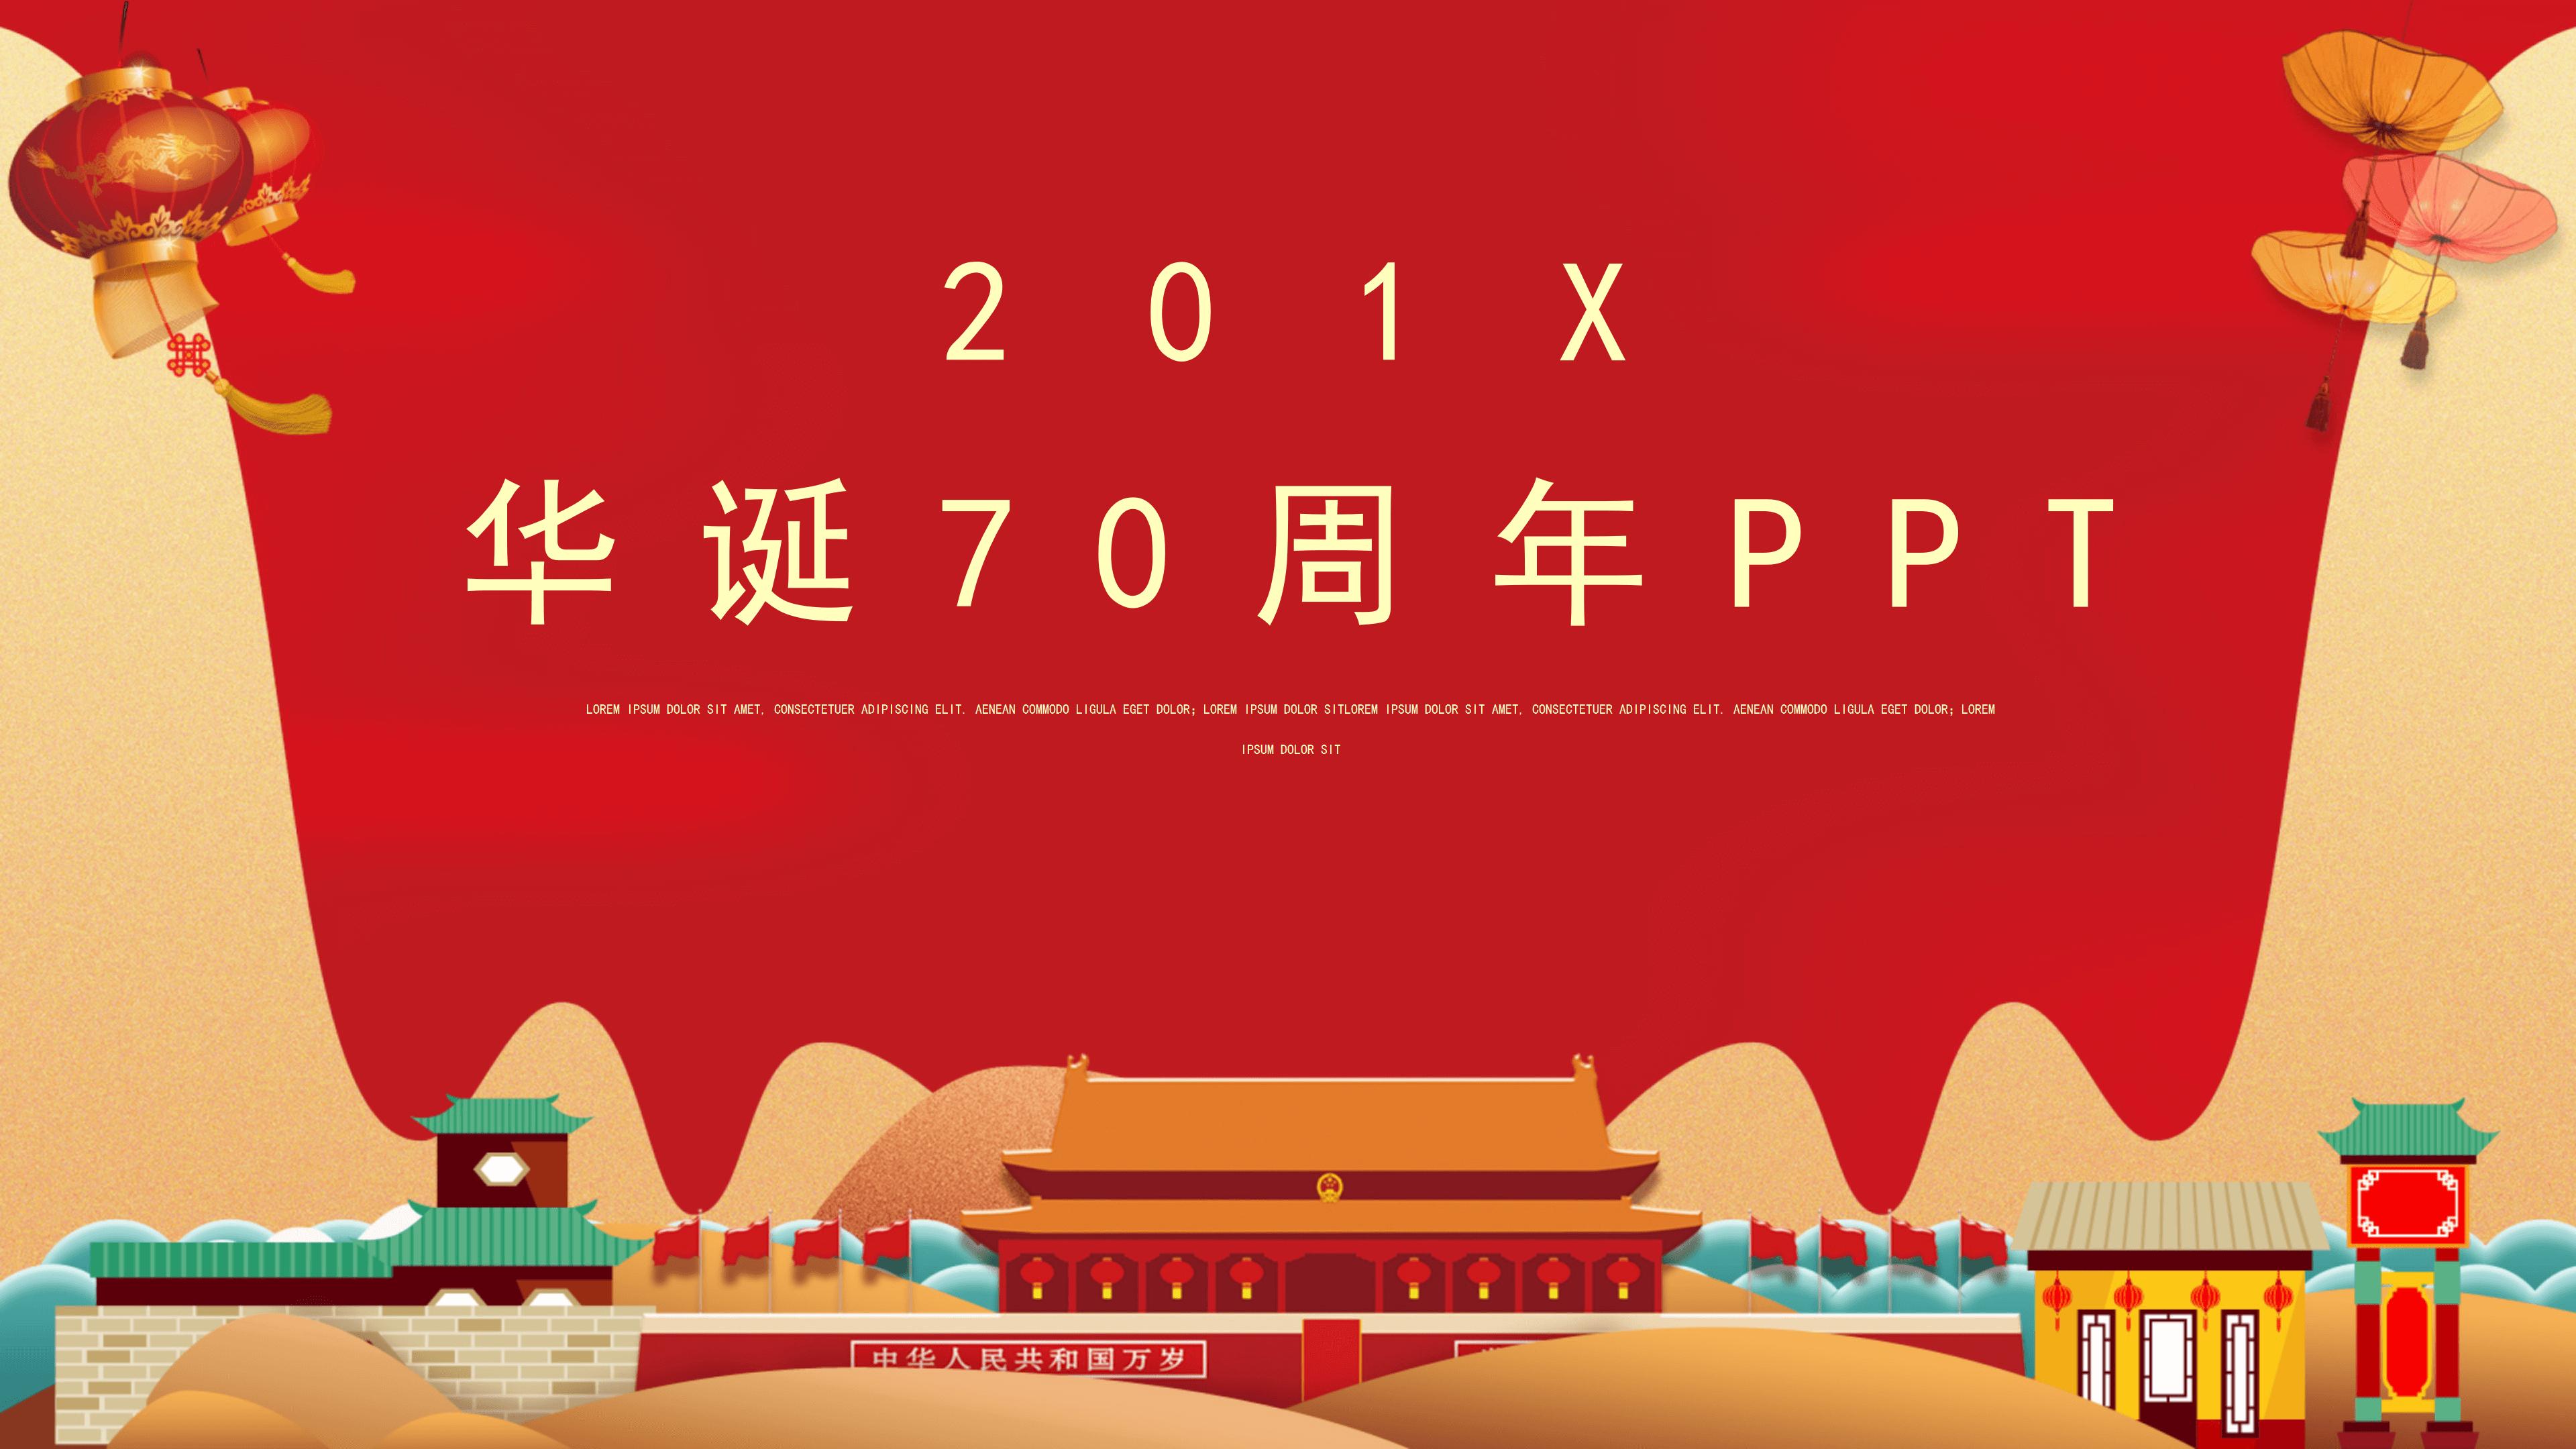 国庆节PPT模板推荐